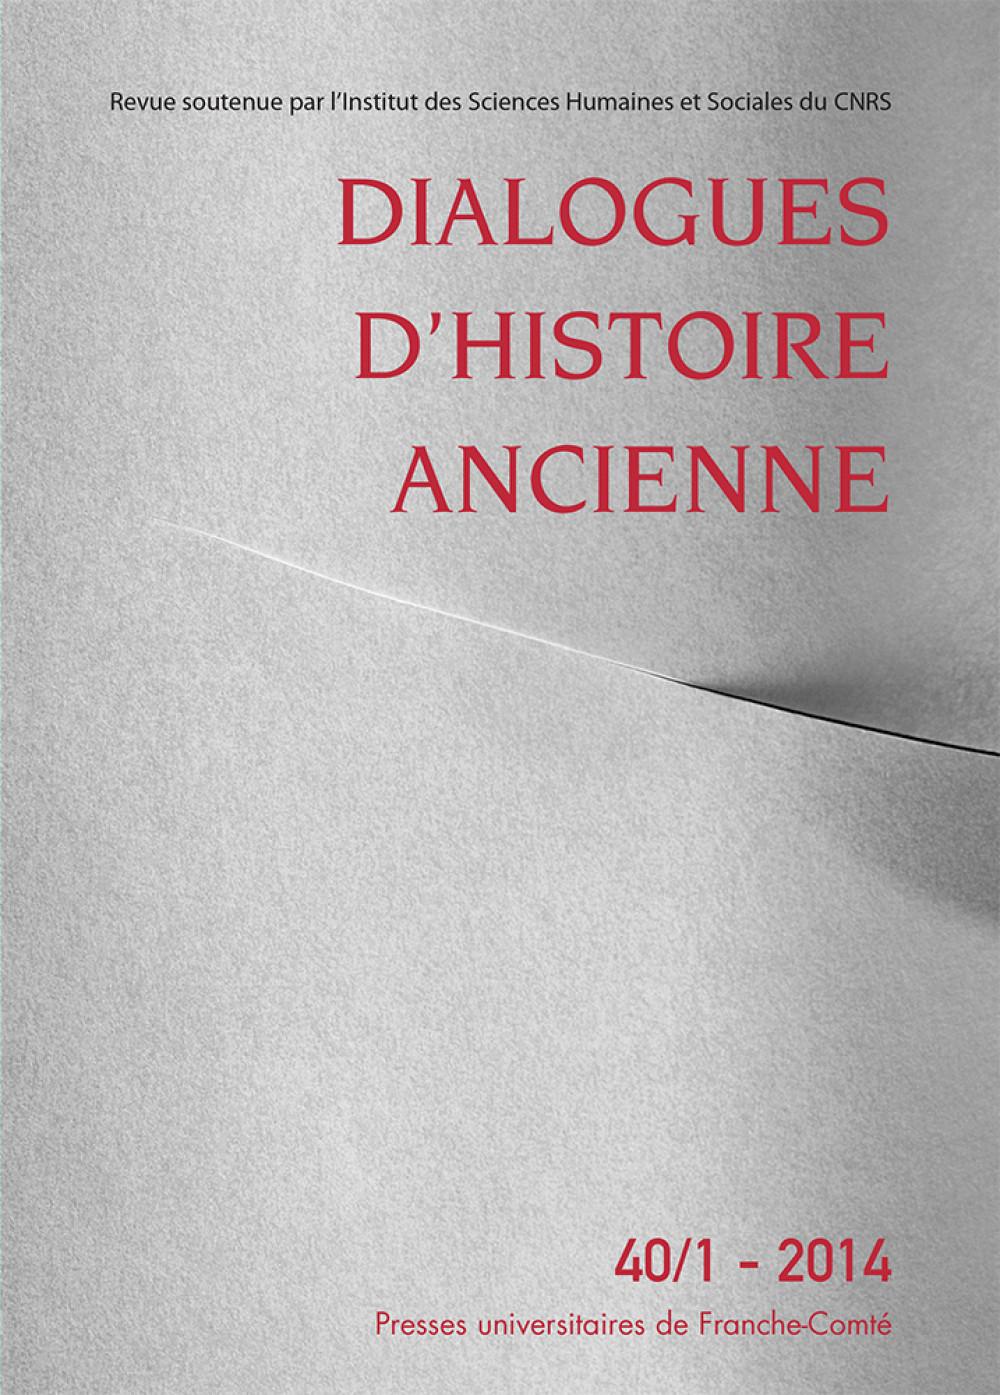 Dialogues d'Histoire Ancienne 40/1